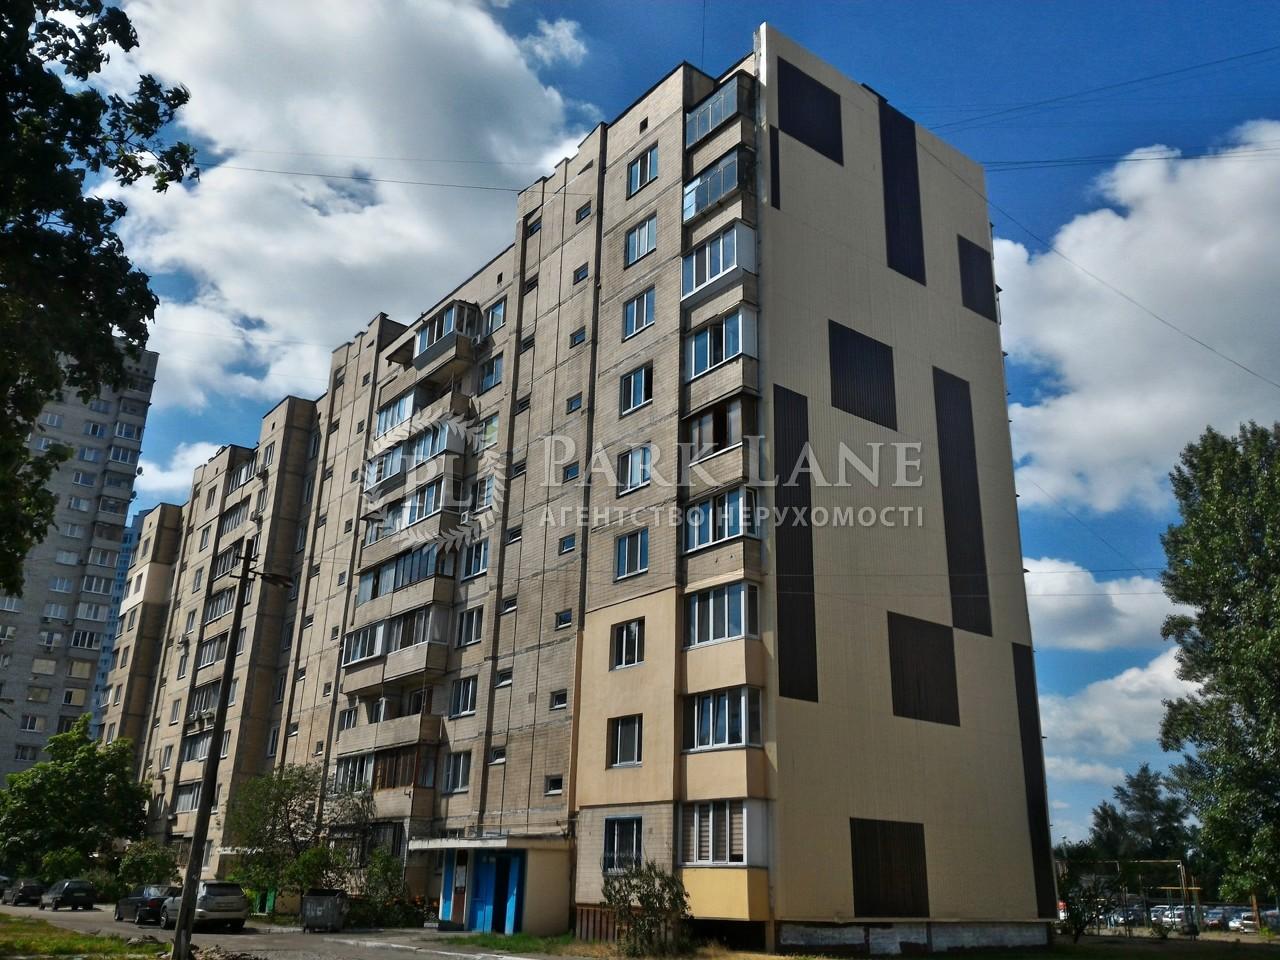 Квартира ул. Сортировочная, 2, Киев, Z-780061 - Фото 2